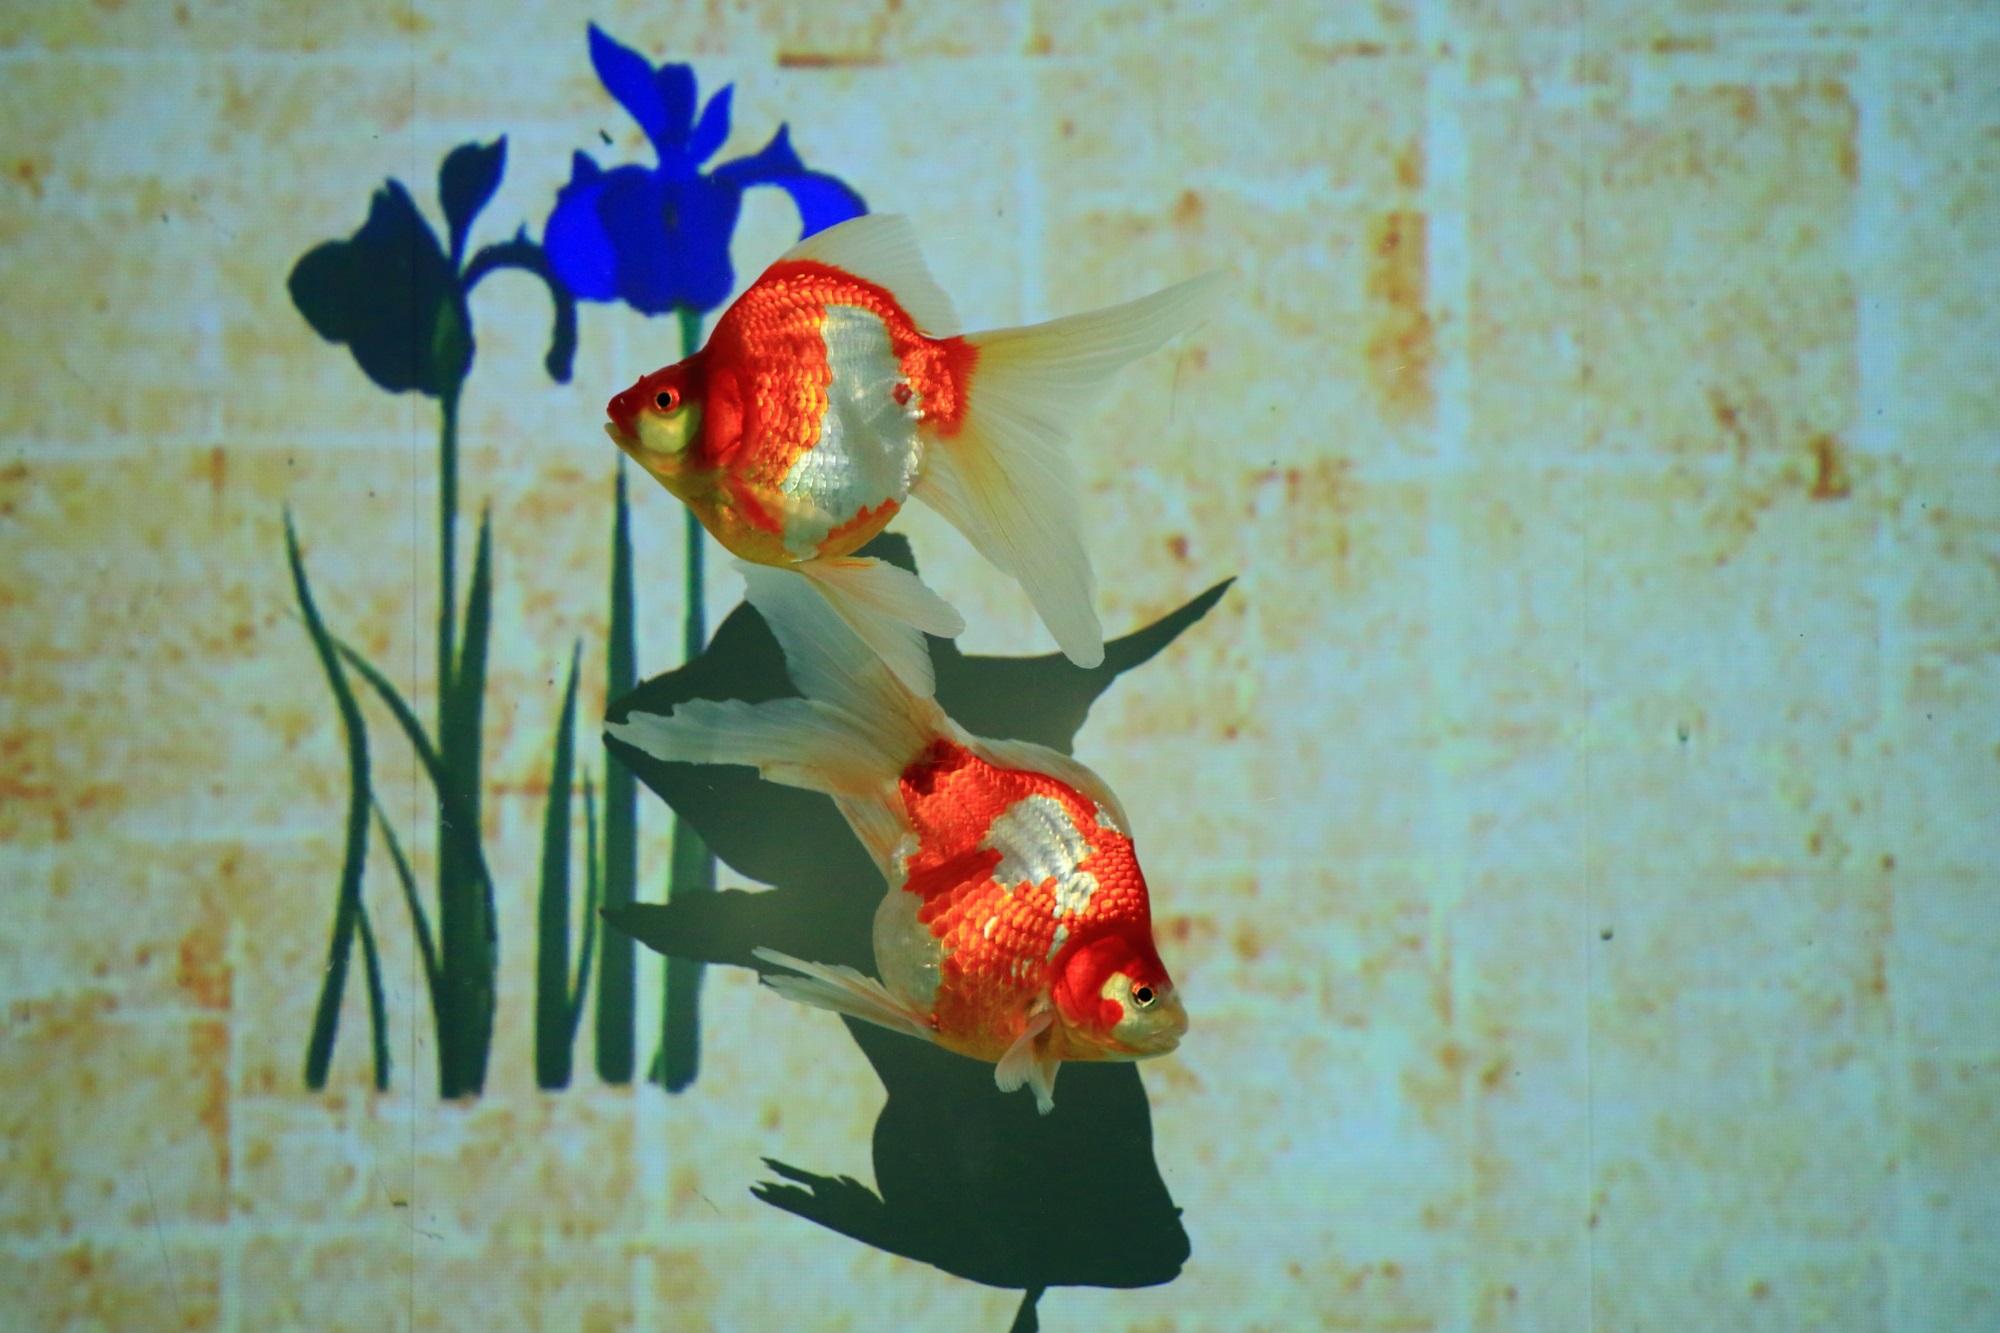 金魚 リンパリウム 二条城 アートアクアリウム城